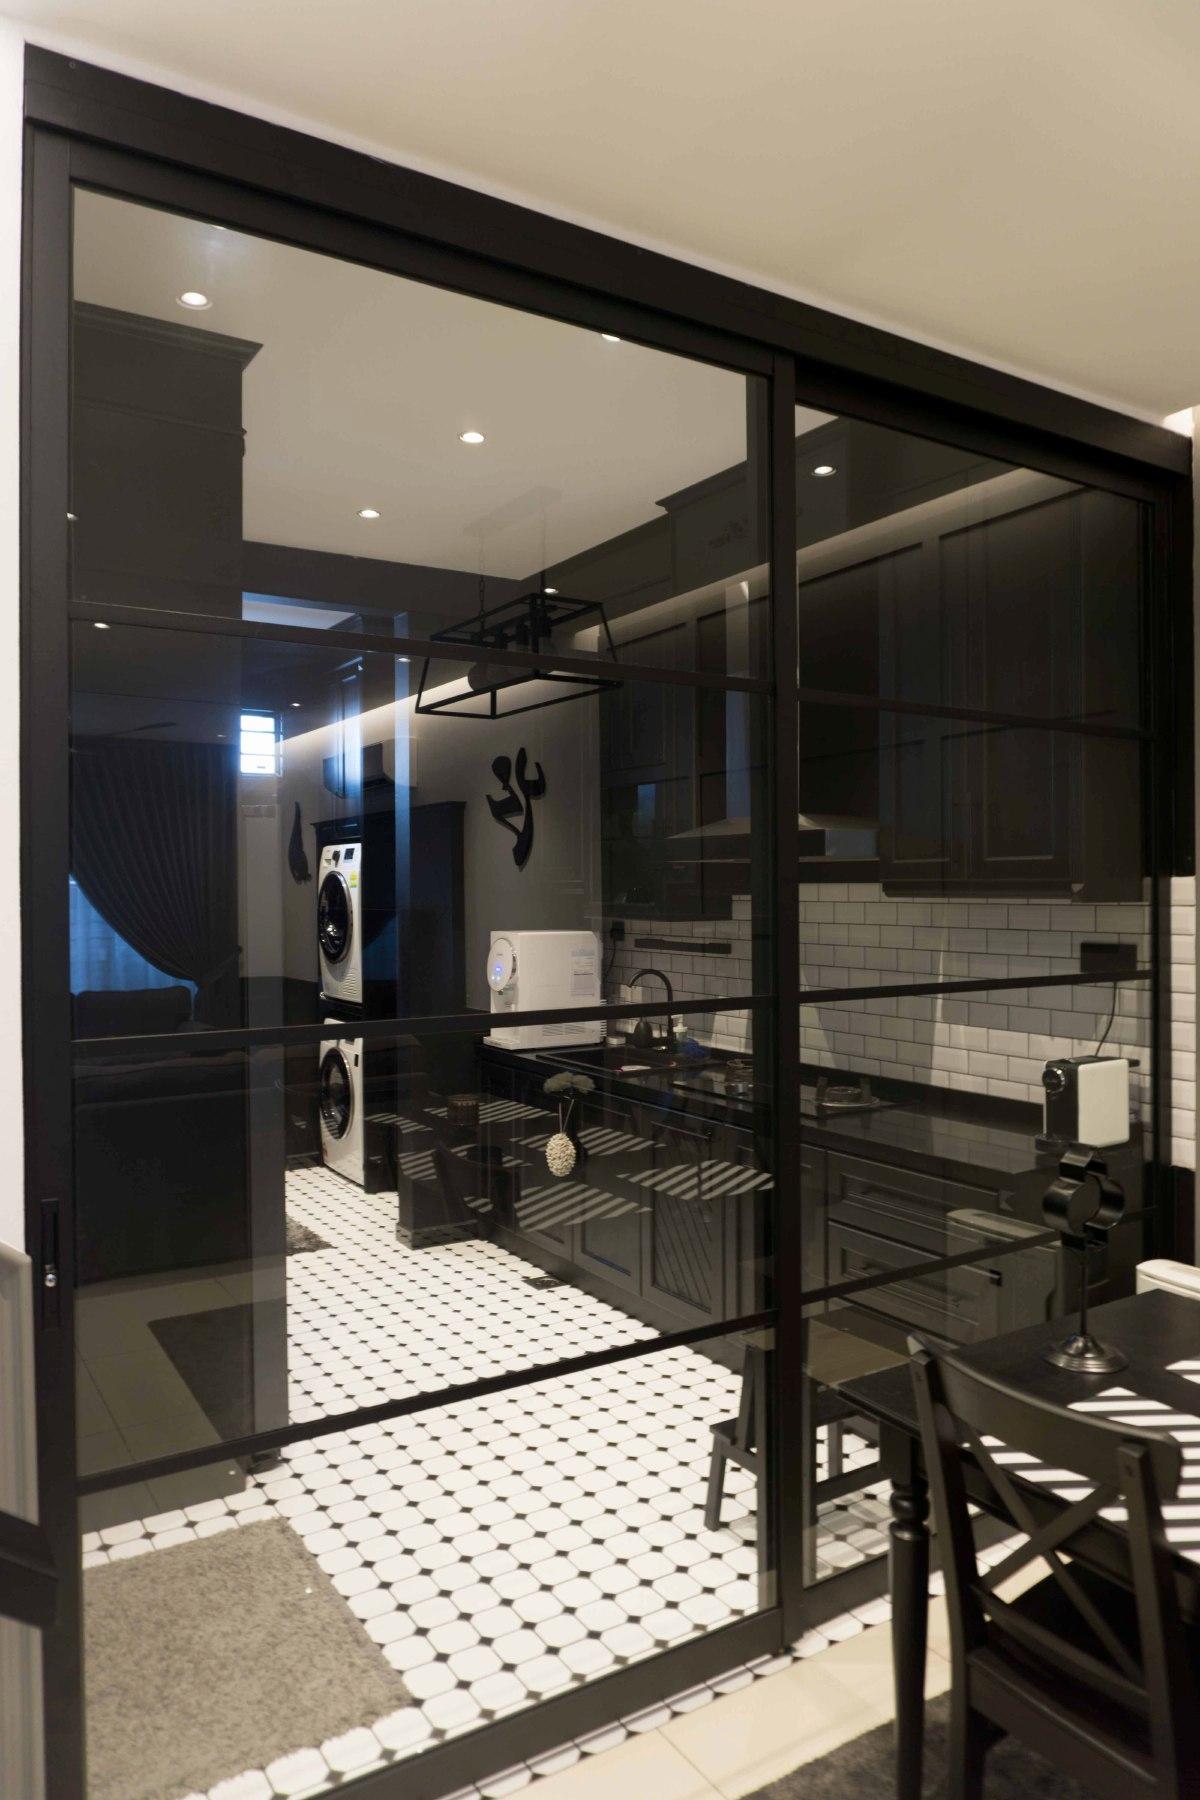 PINTU gelangsar kaca membahagikan dapur dengan ruang makan.